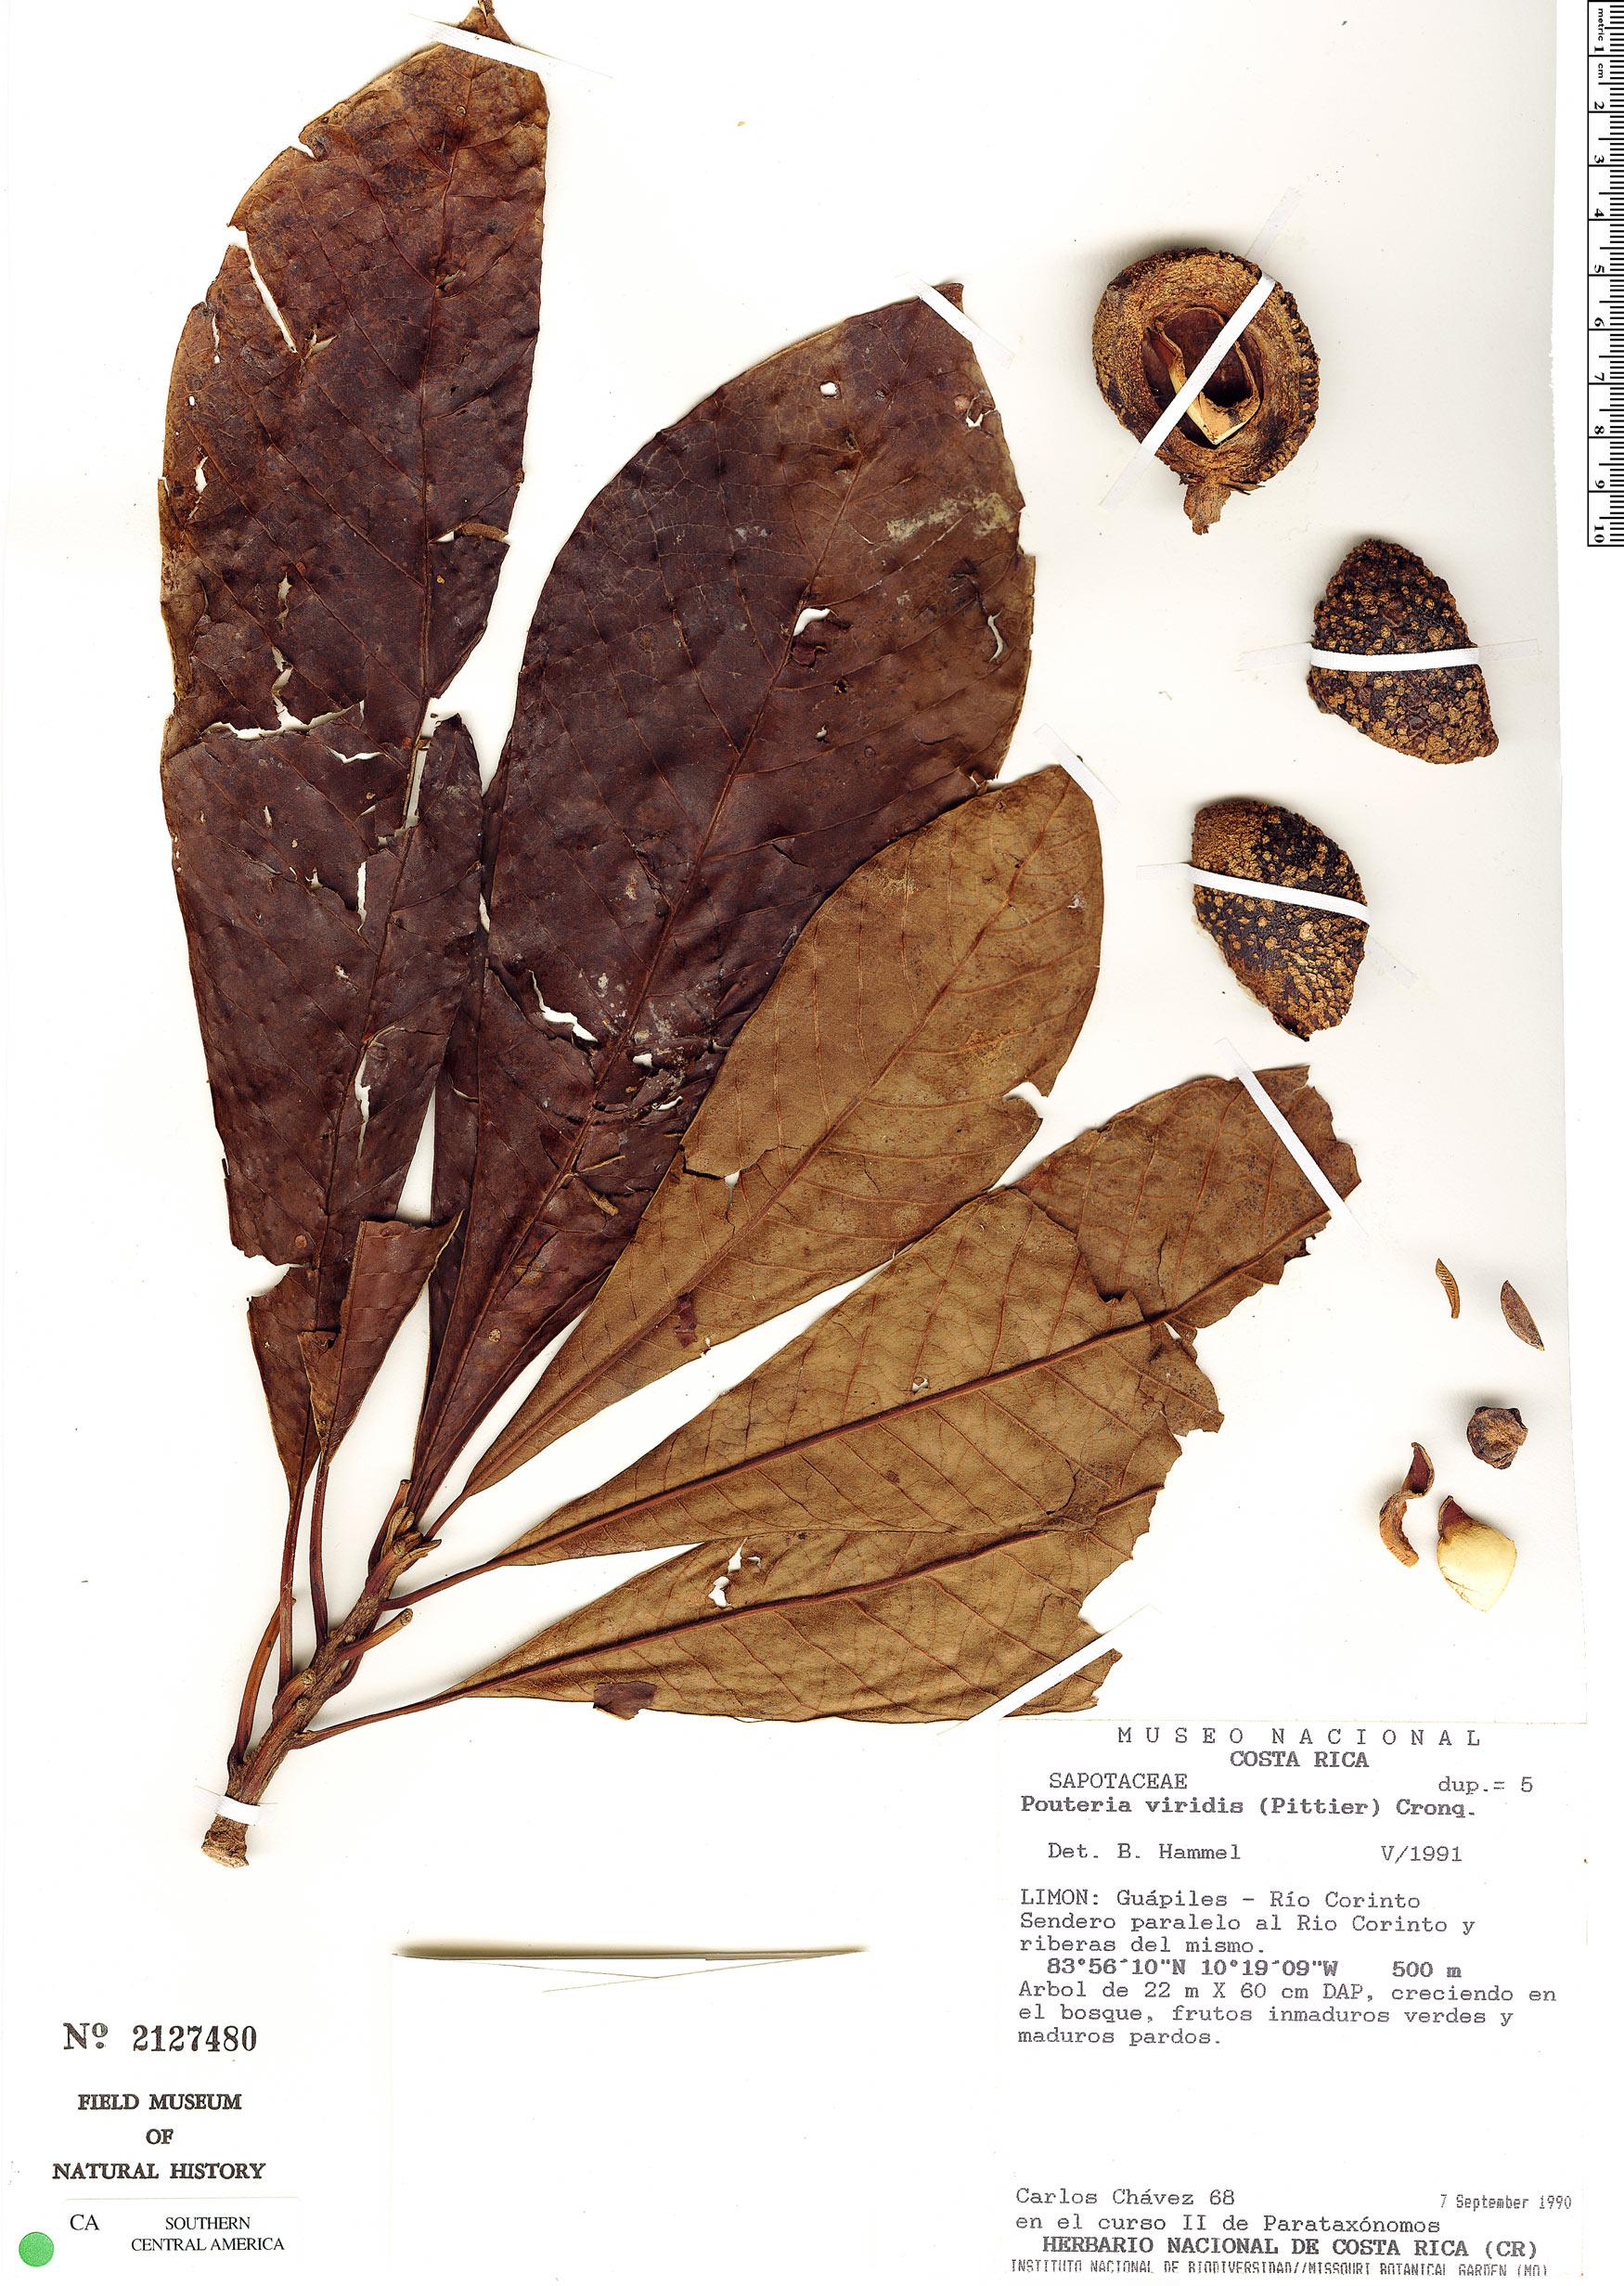 Specimen: Pouteria viridis